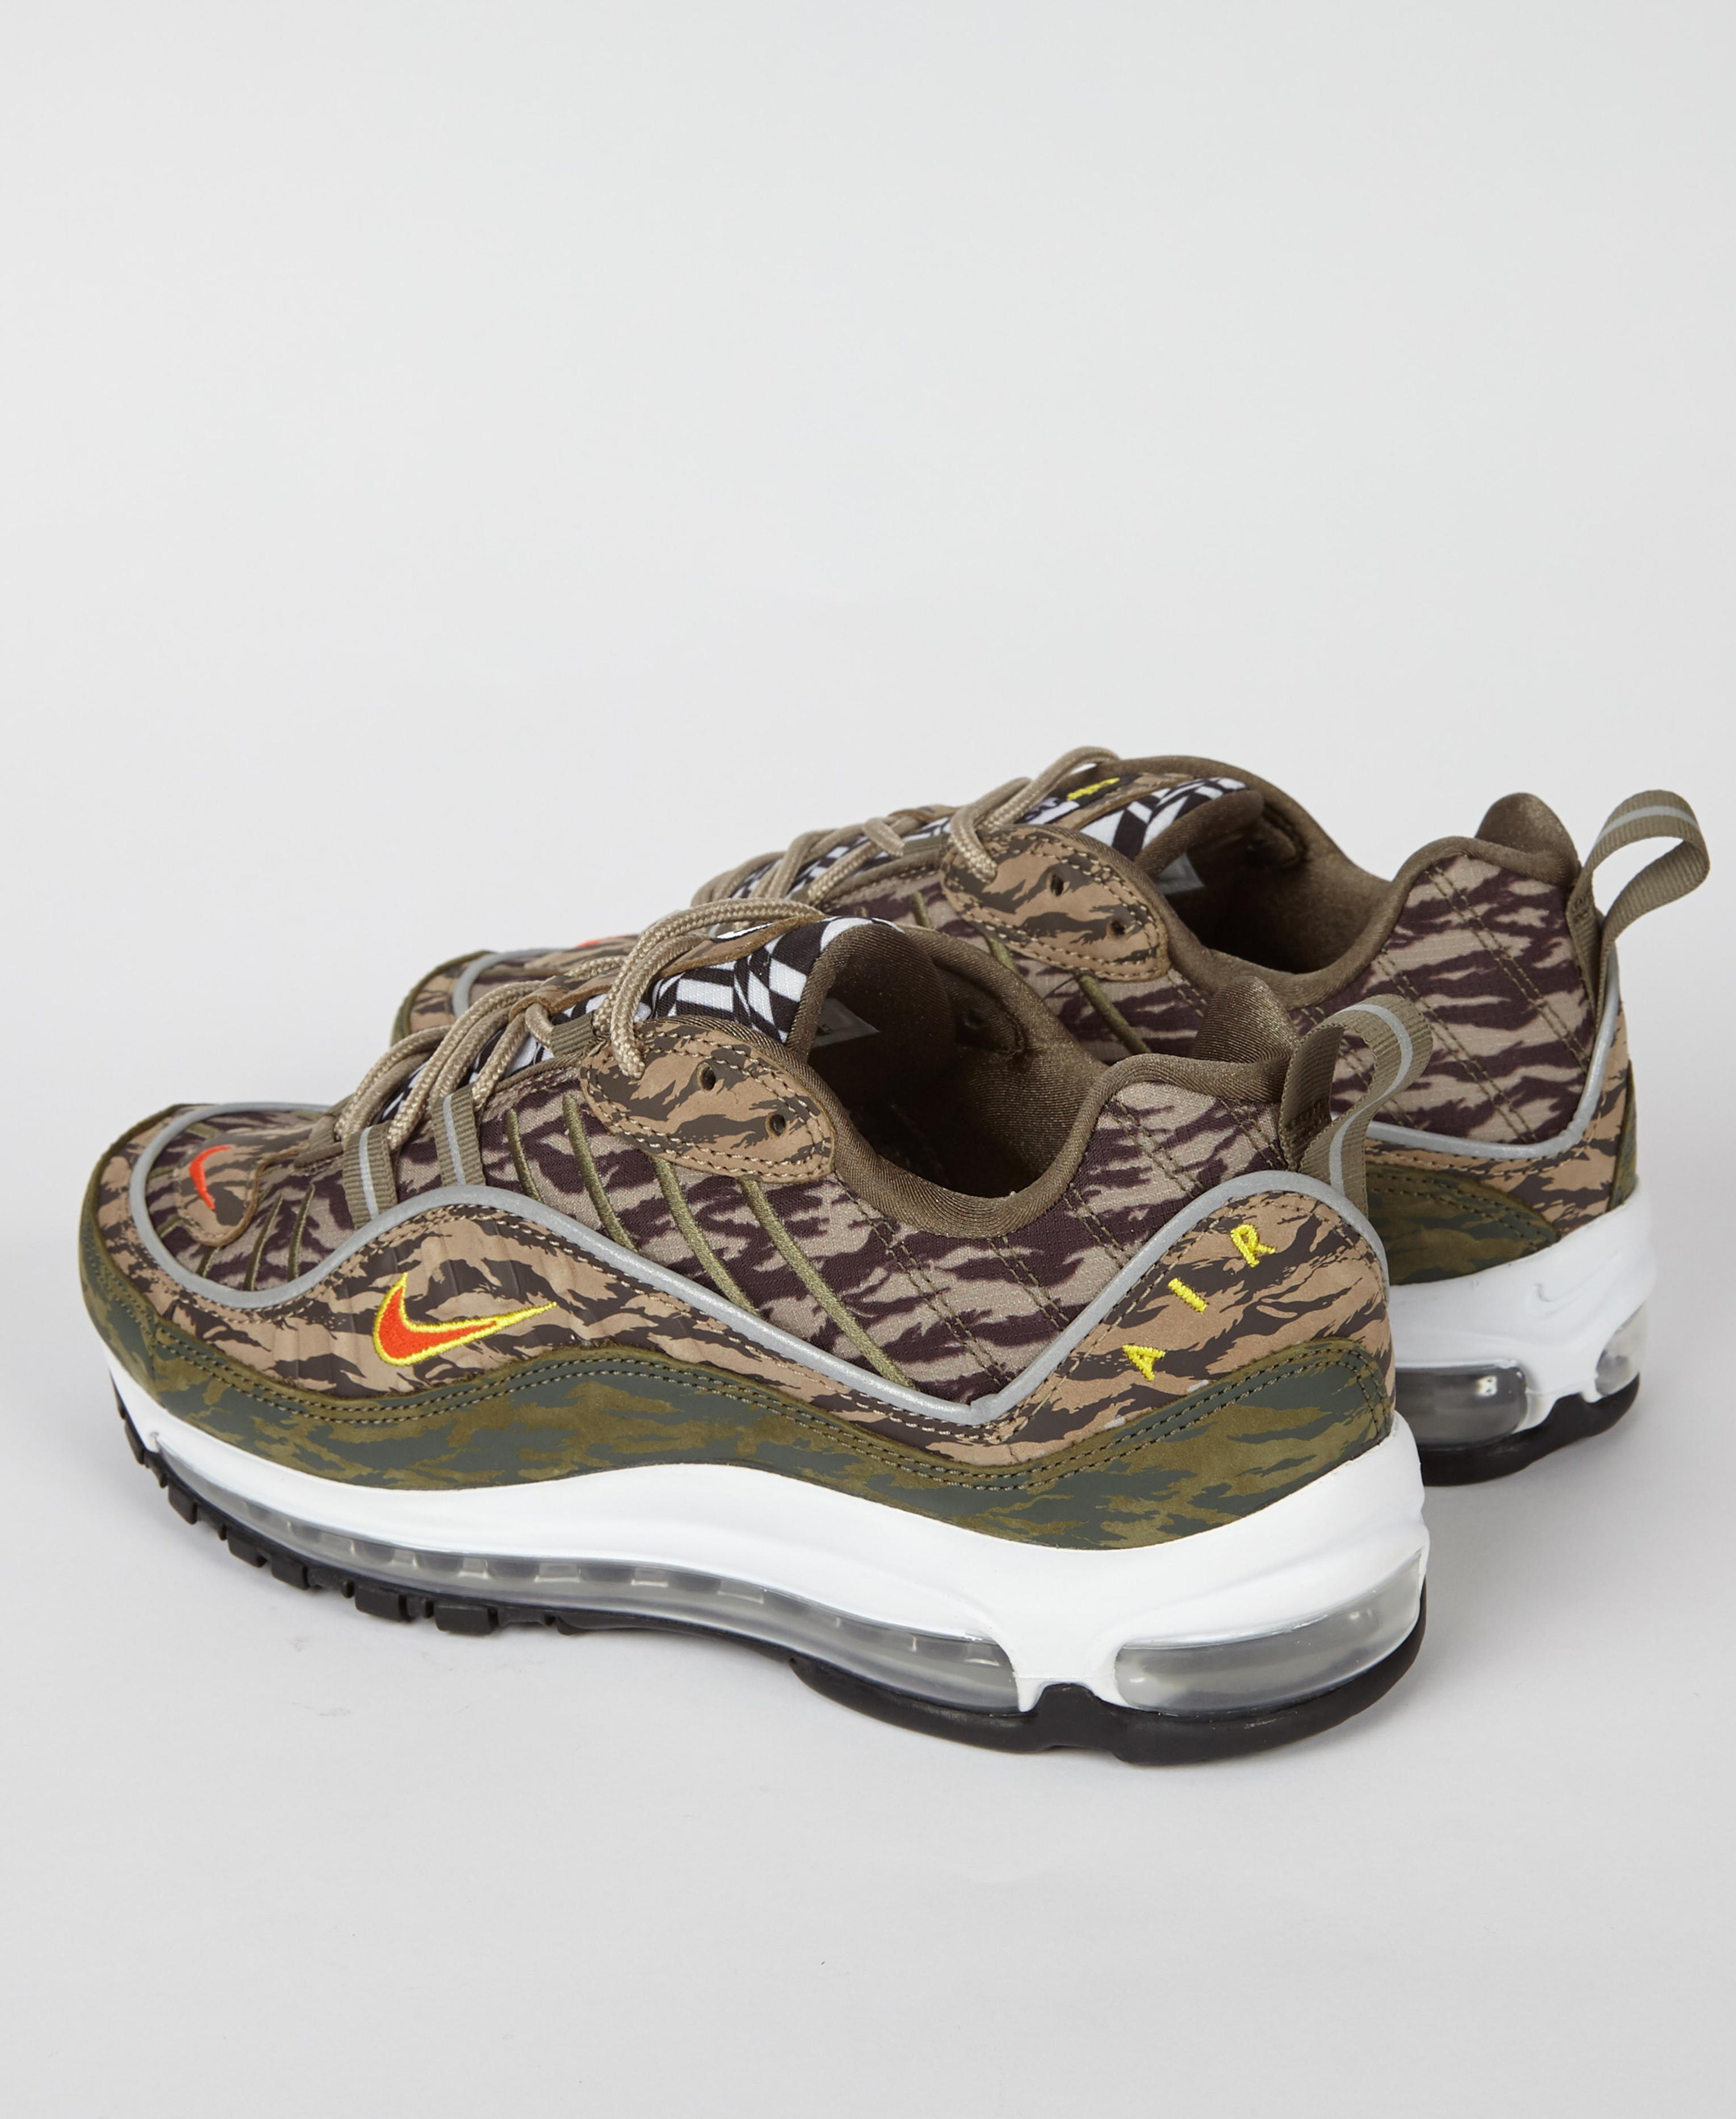 Los invitados conductor fumar  for Men Lyst Nike Air Max 98 Aop Tiger Camo Sneaker in Olive Green